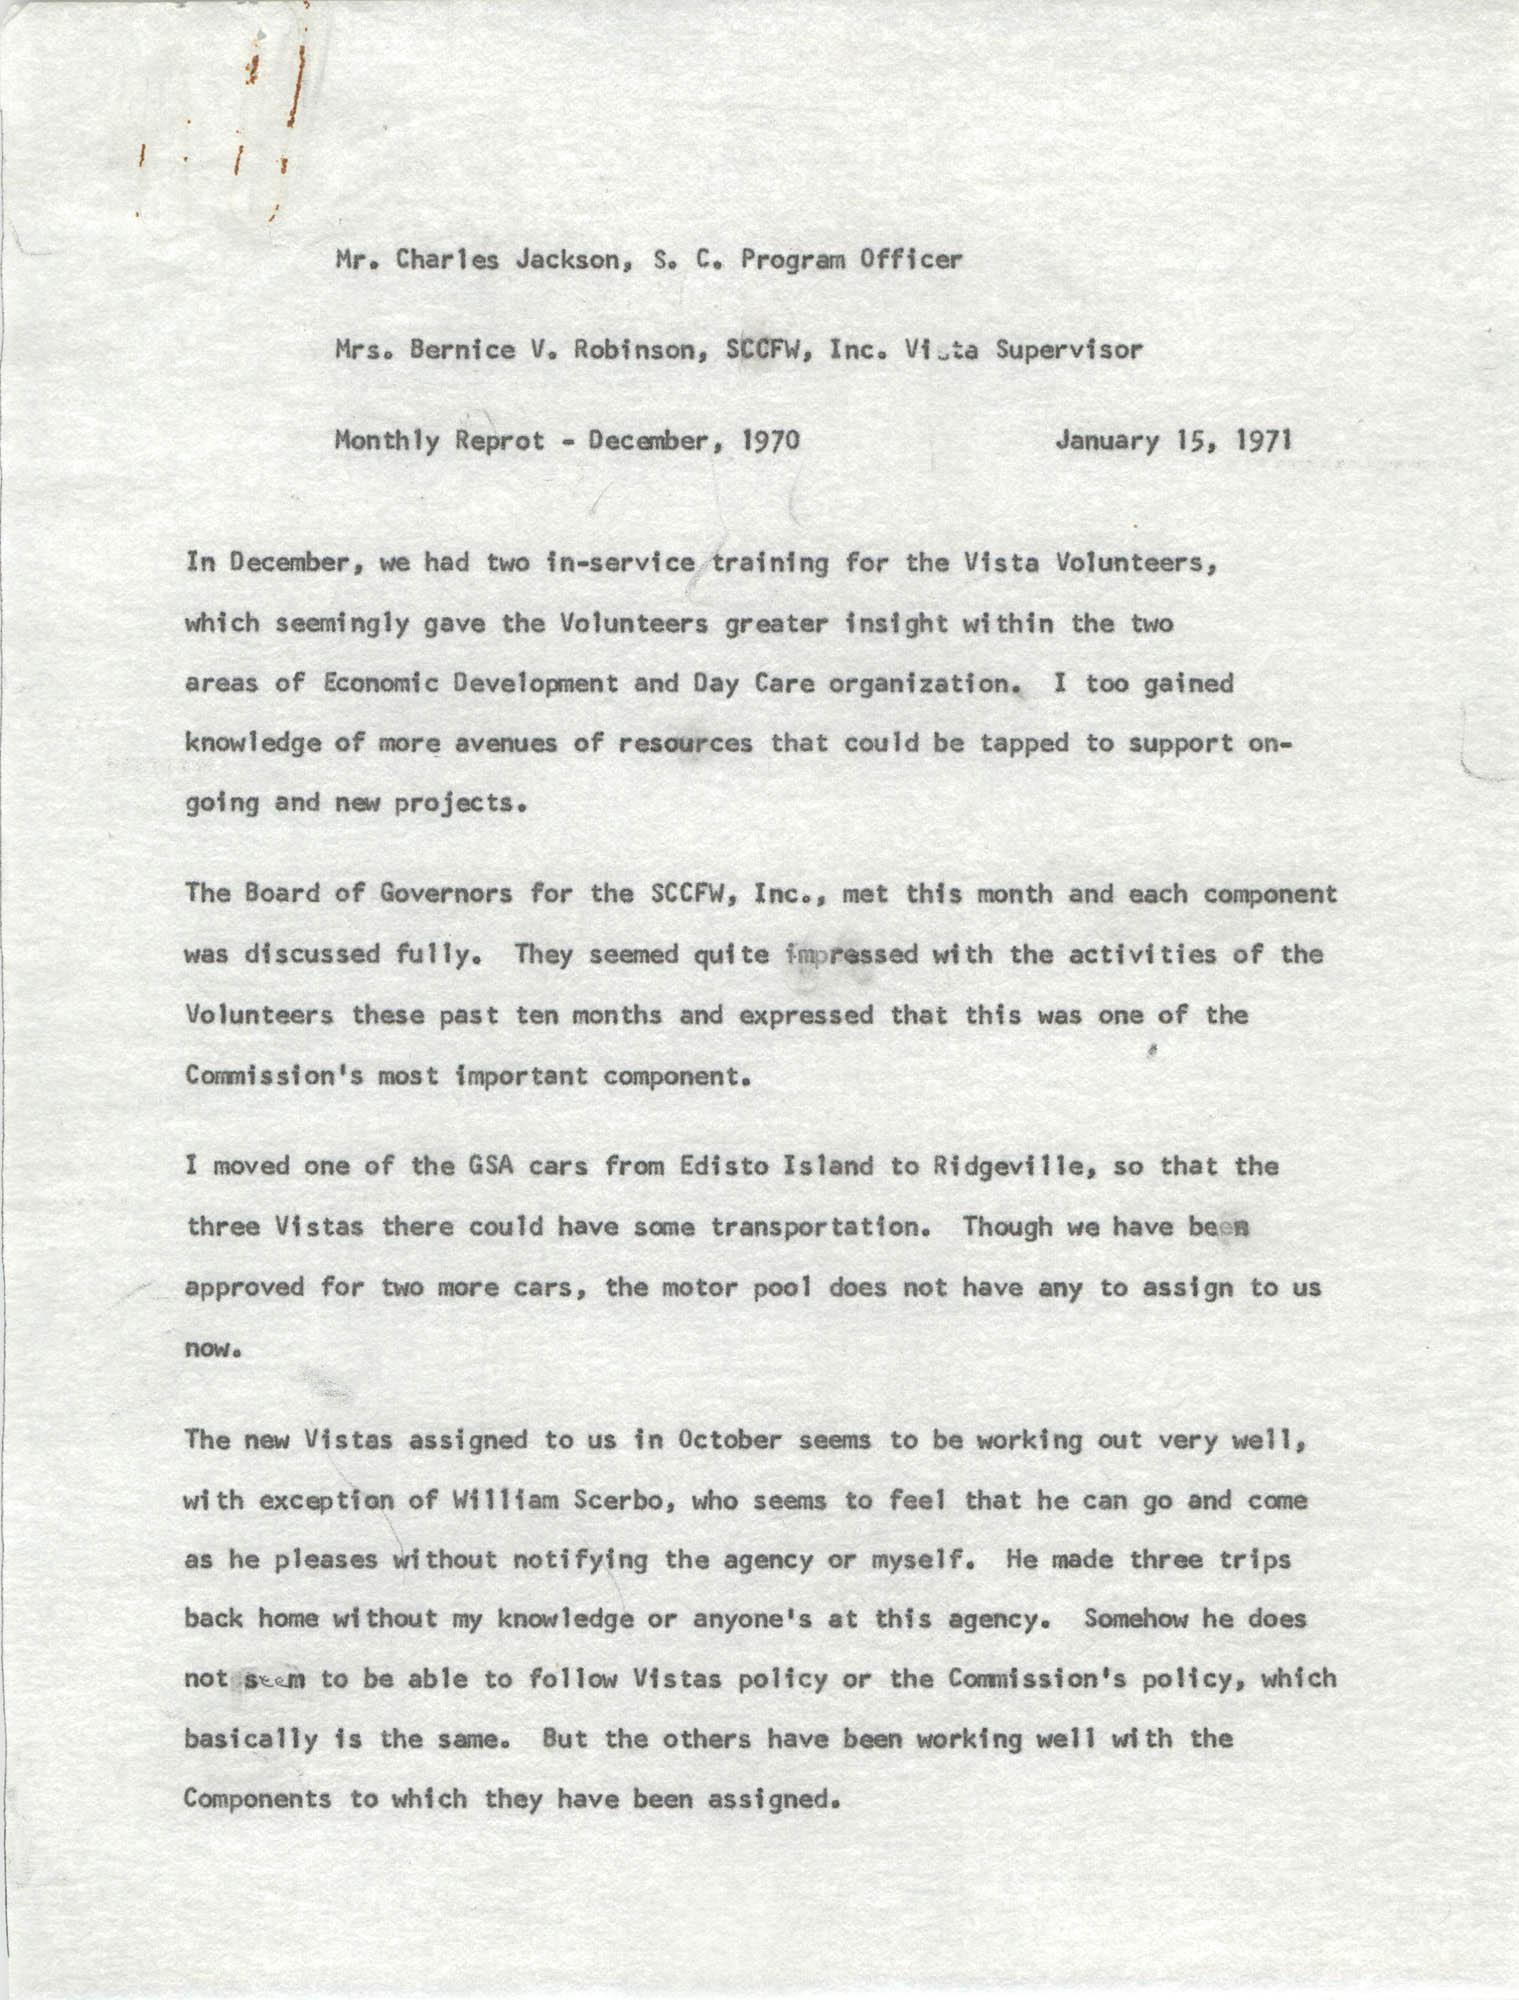 VISTA Memorandum, Monthly Progress Report, December 1970